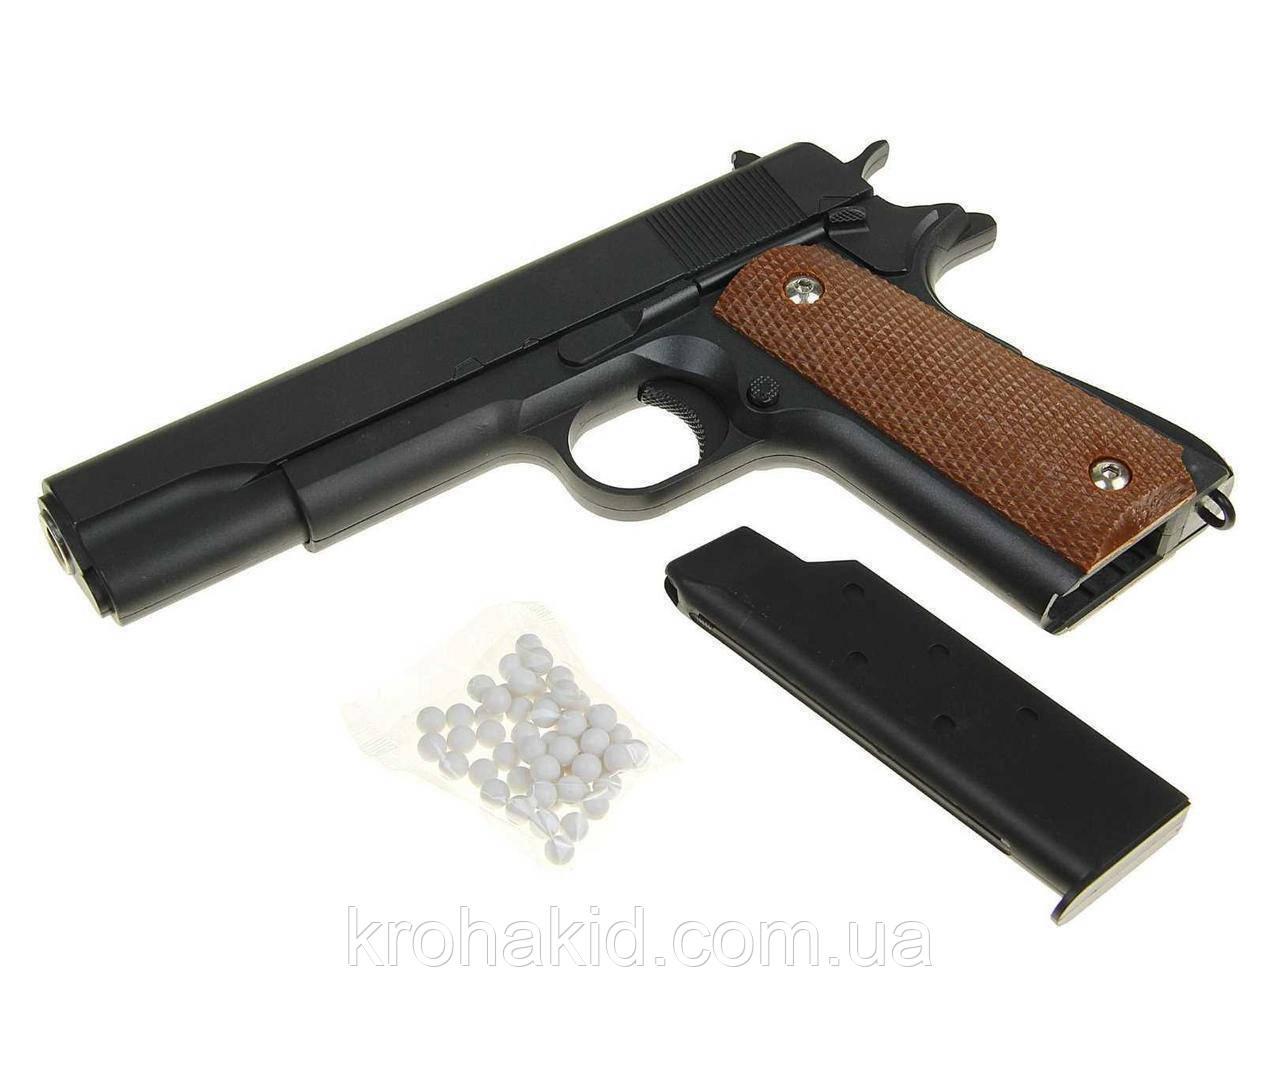 Детский Игрушечный пистолет с пульками  G.13 (метал+пластик)